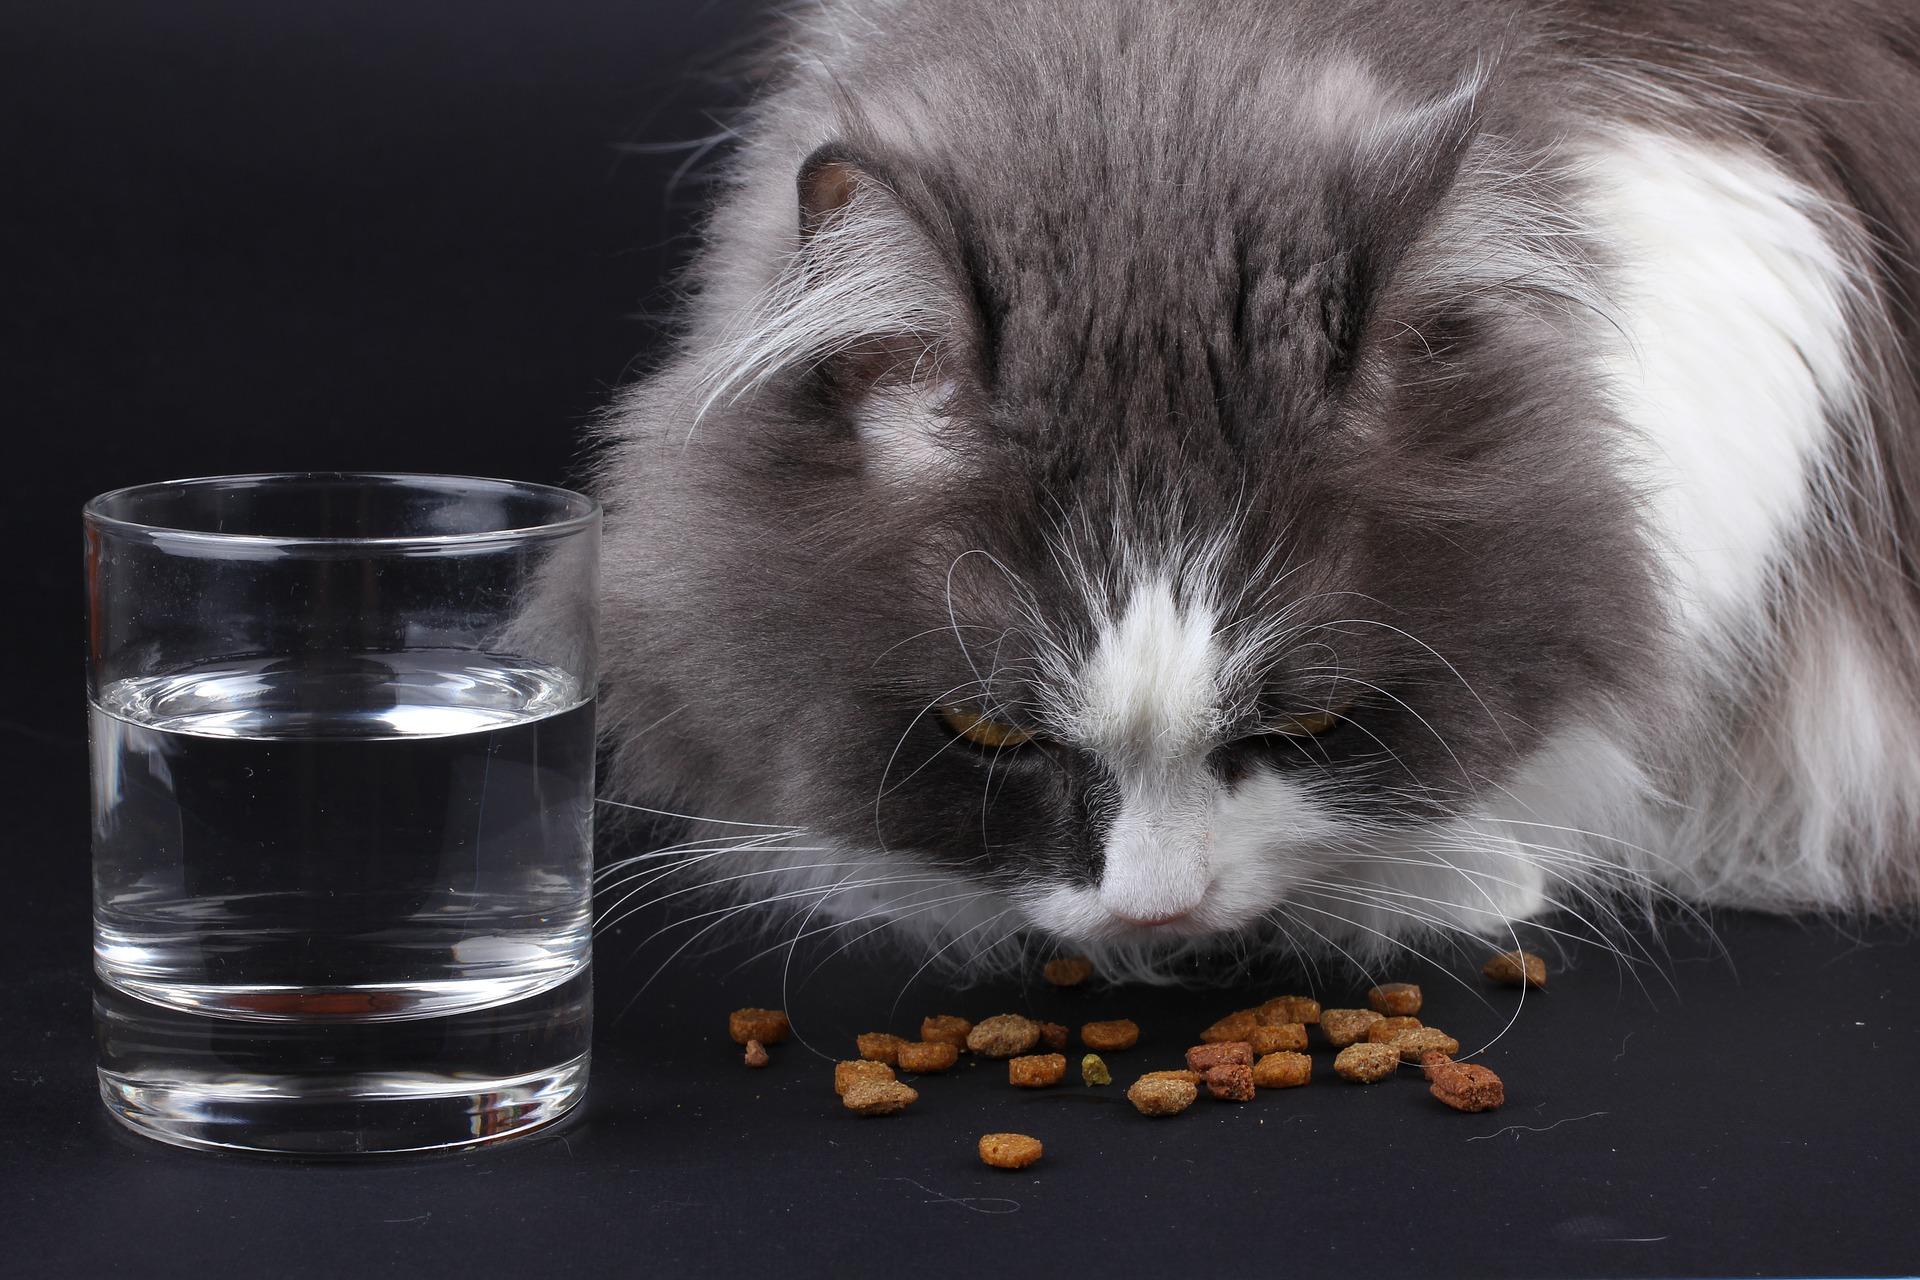 Zaleca się karmienie kota wysokomięsnymi karmami mokrymi, bez dodatku zbóż. Posiłków powinno być jak najwięcej, ale małych w ciągu dnia. Optimum to 3-4.